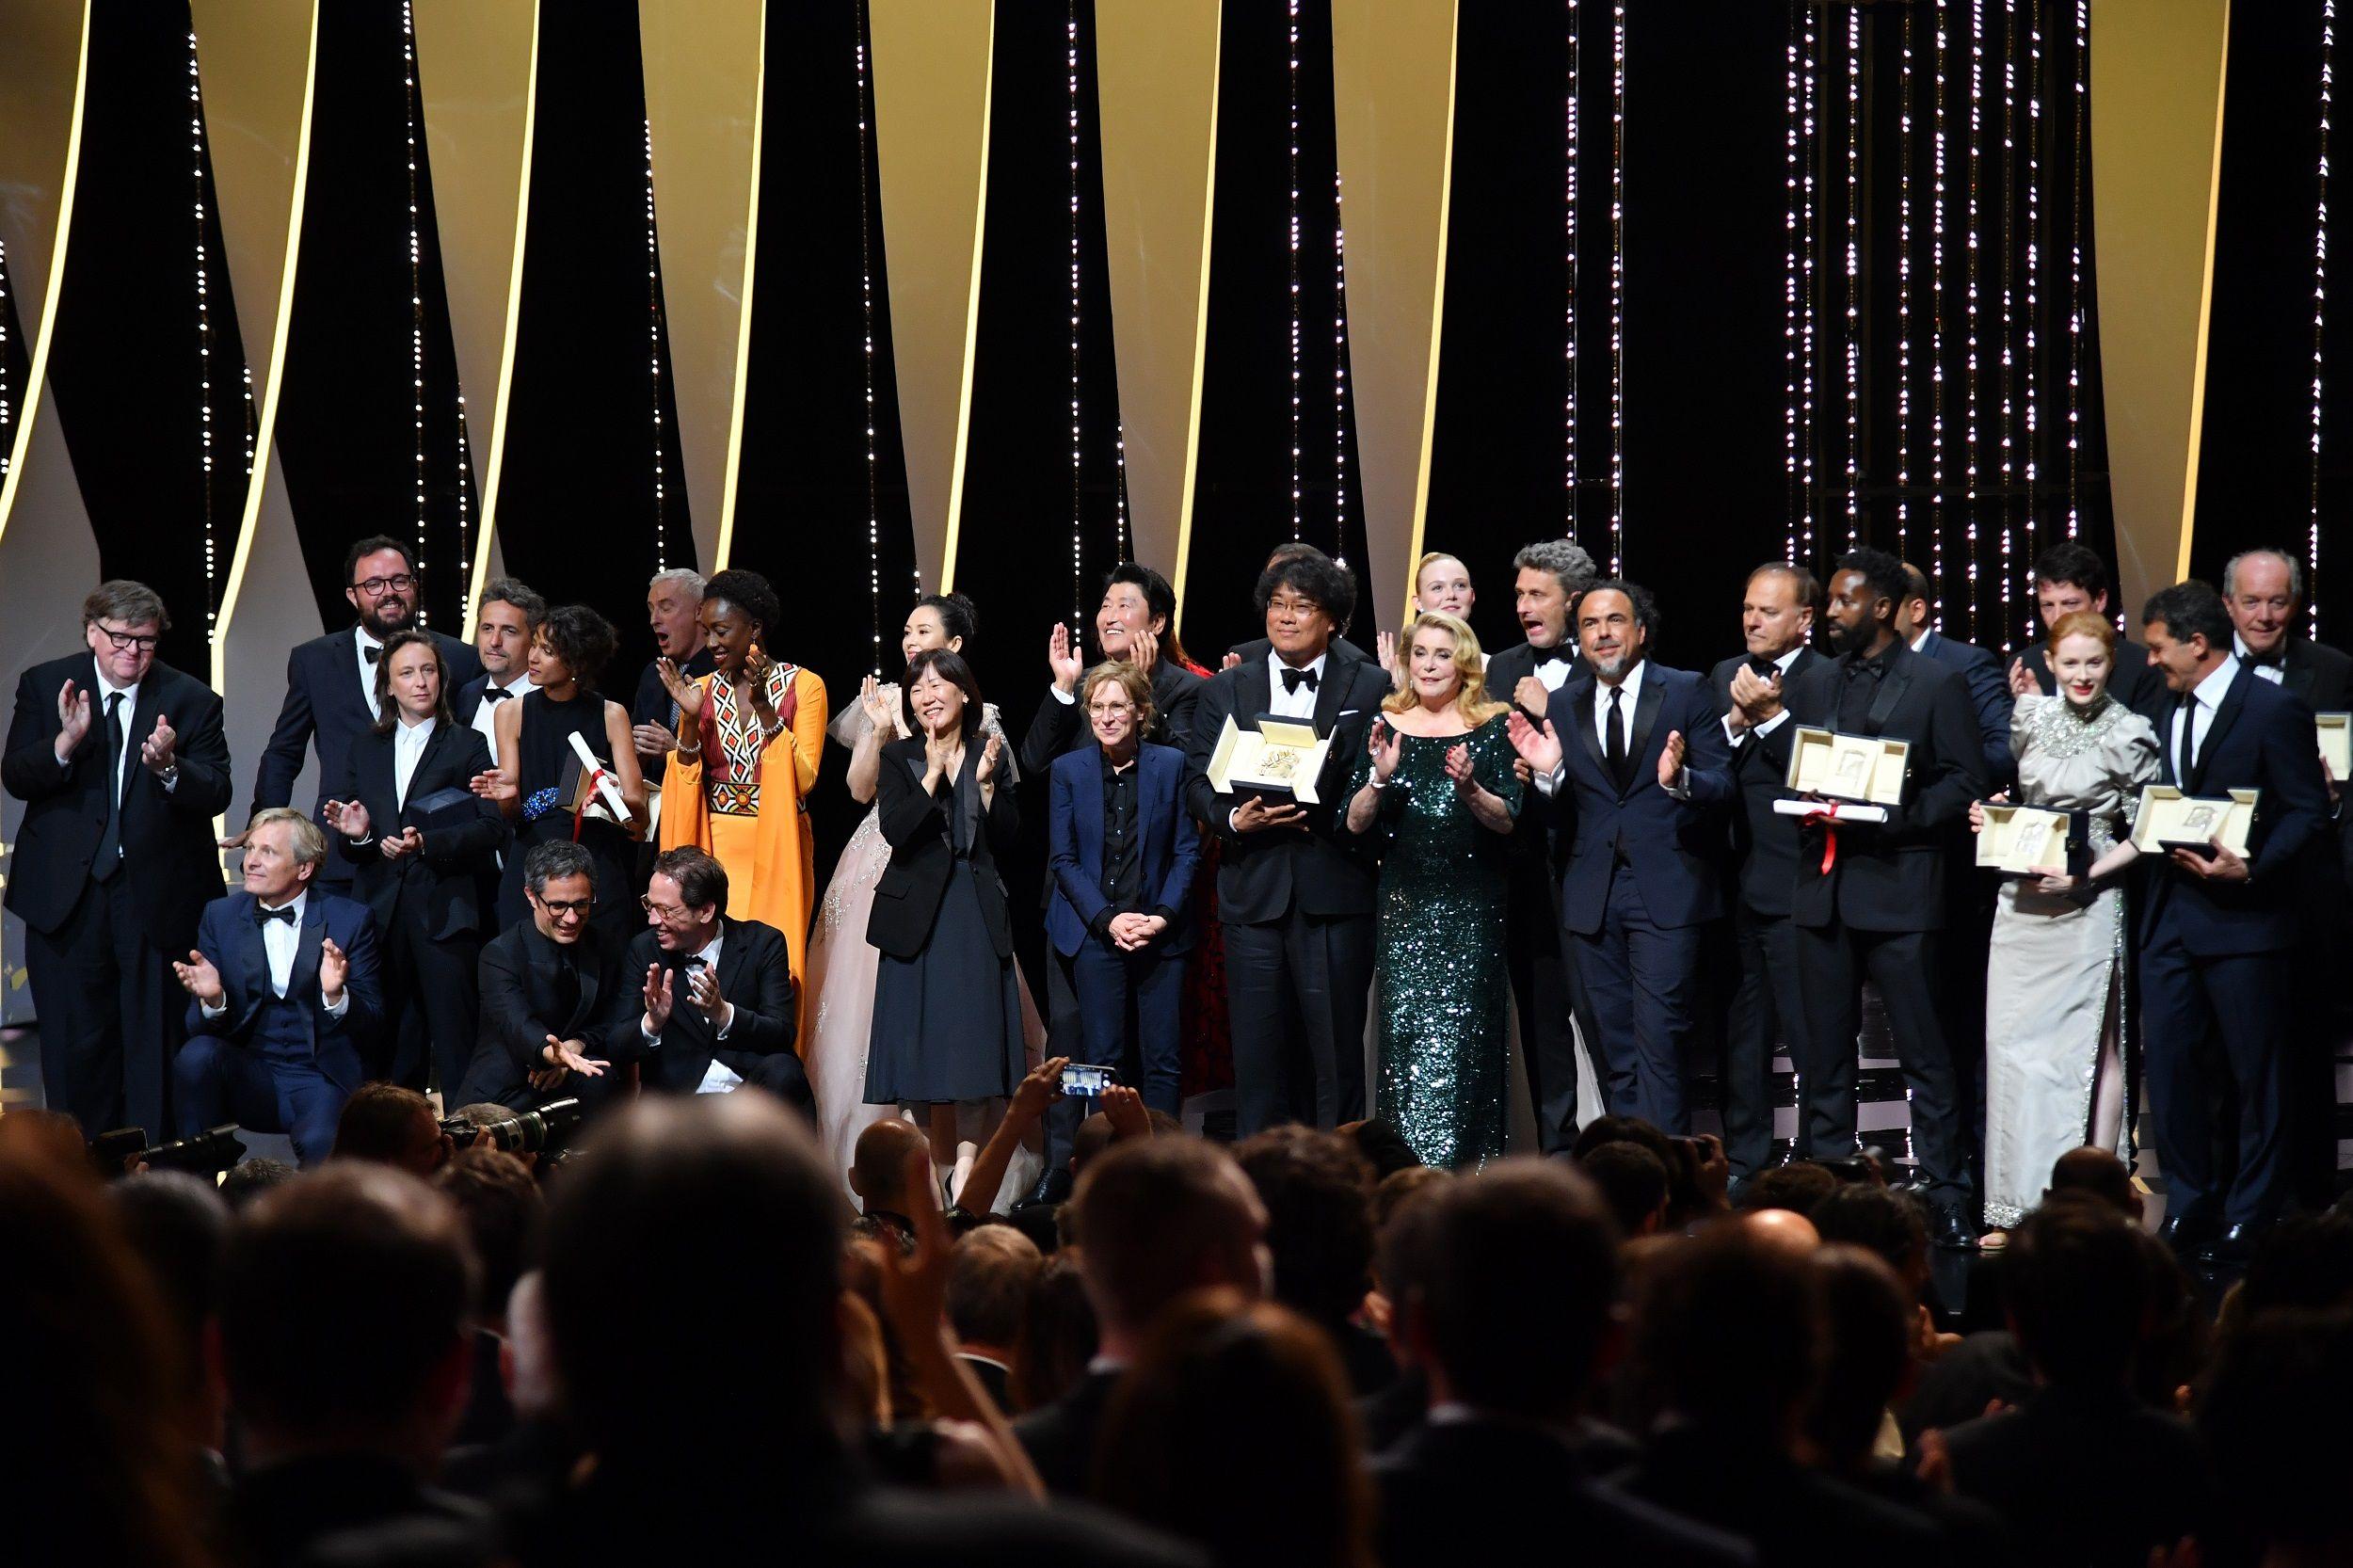 Análisis del Palmarés del Festival de Cannes 2019